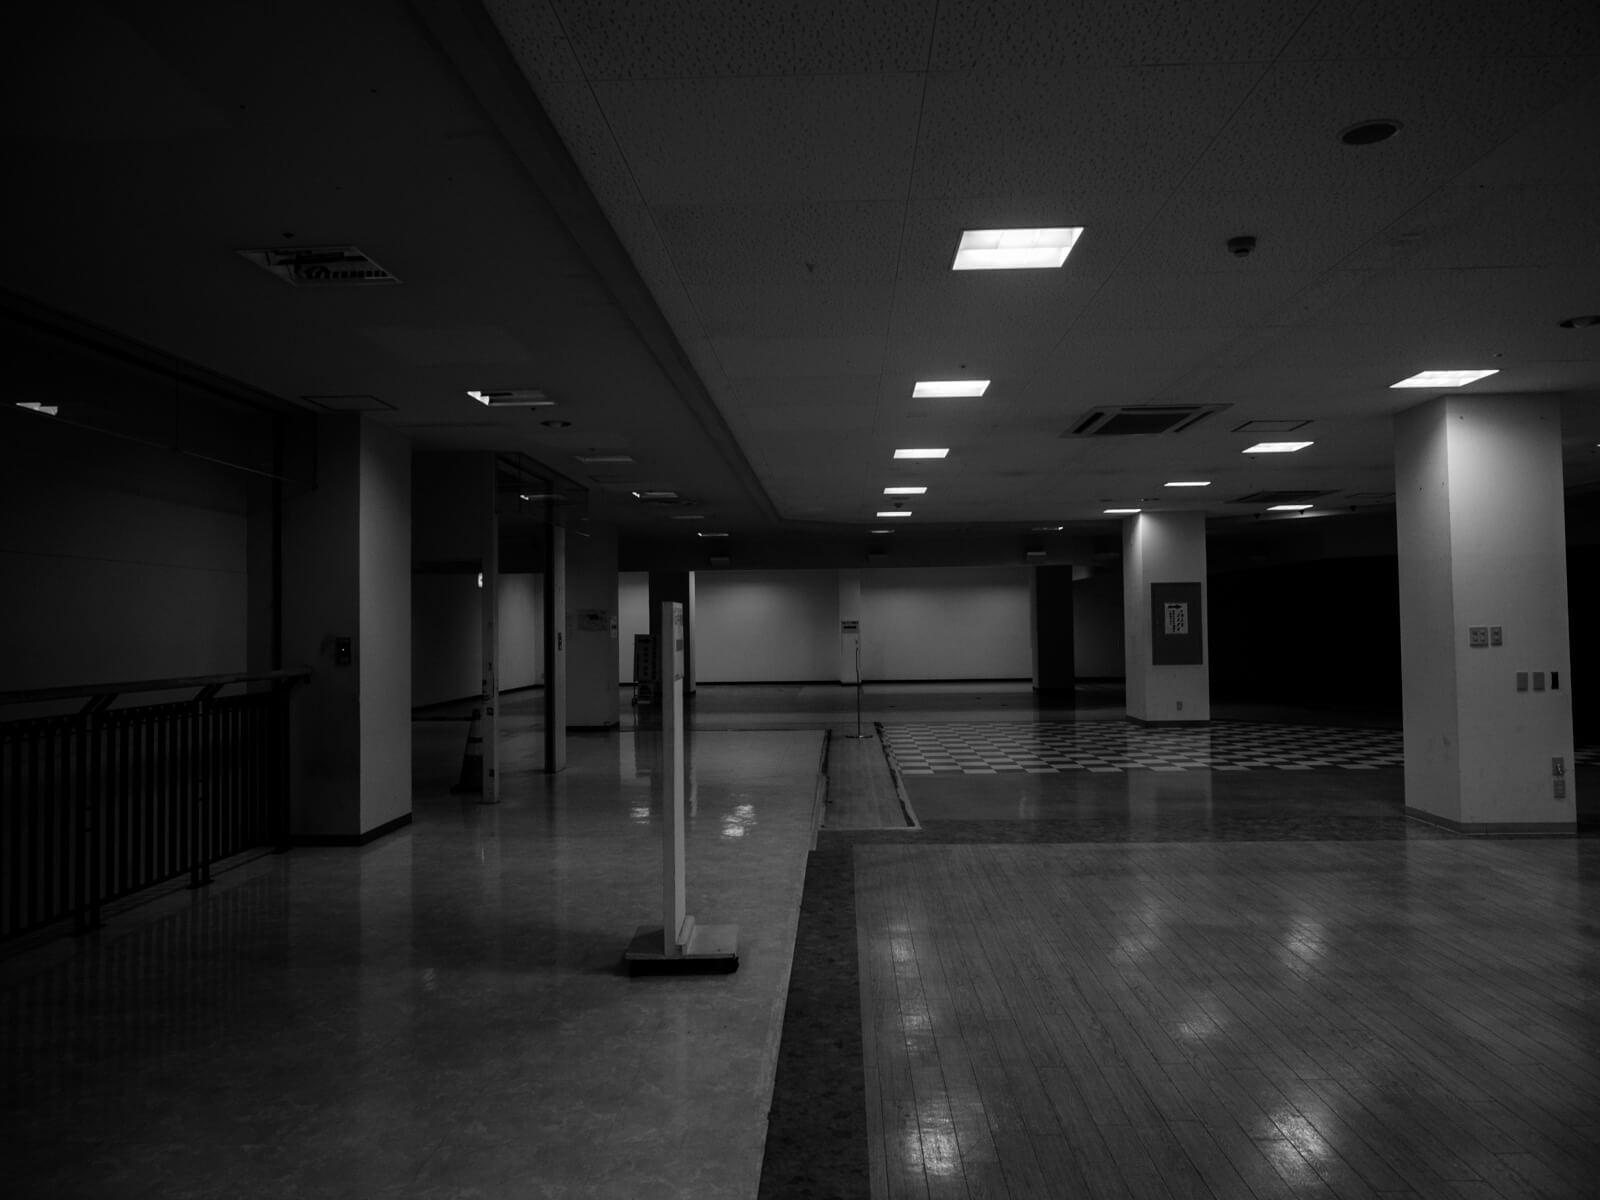 コリンザ白黒写真7